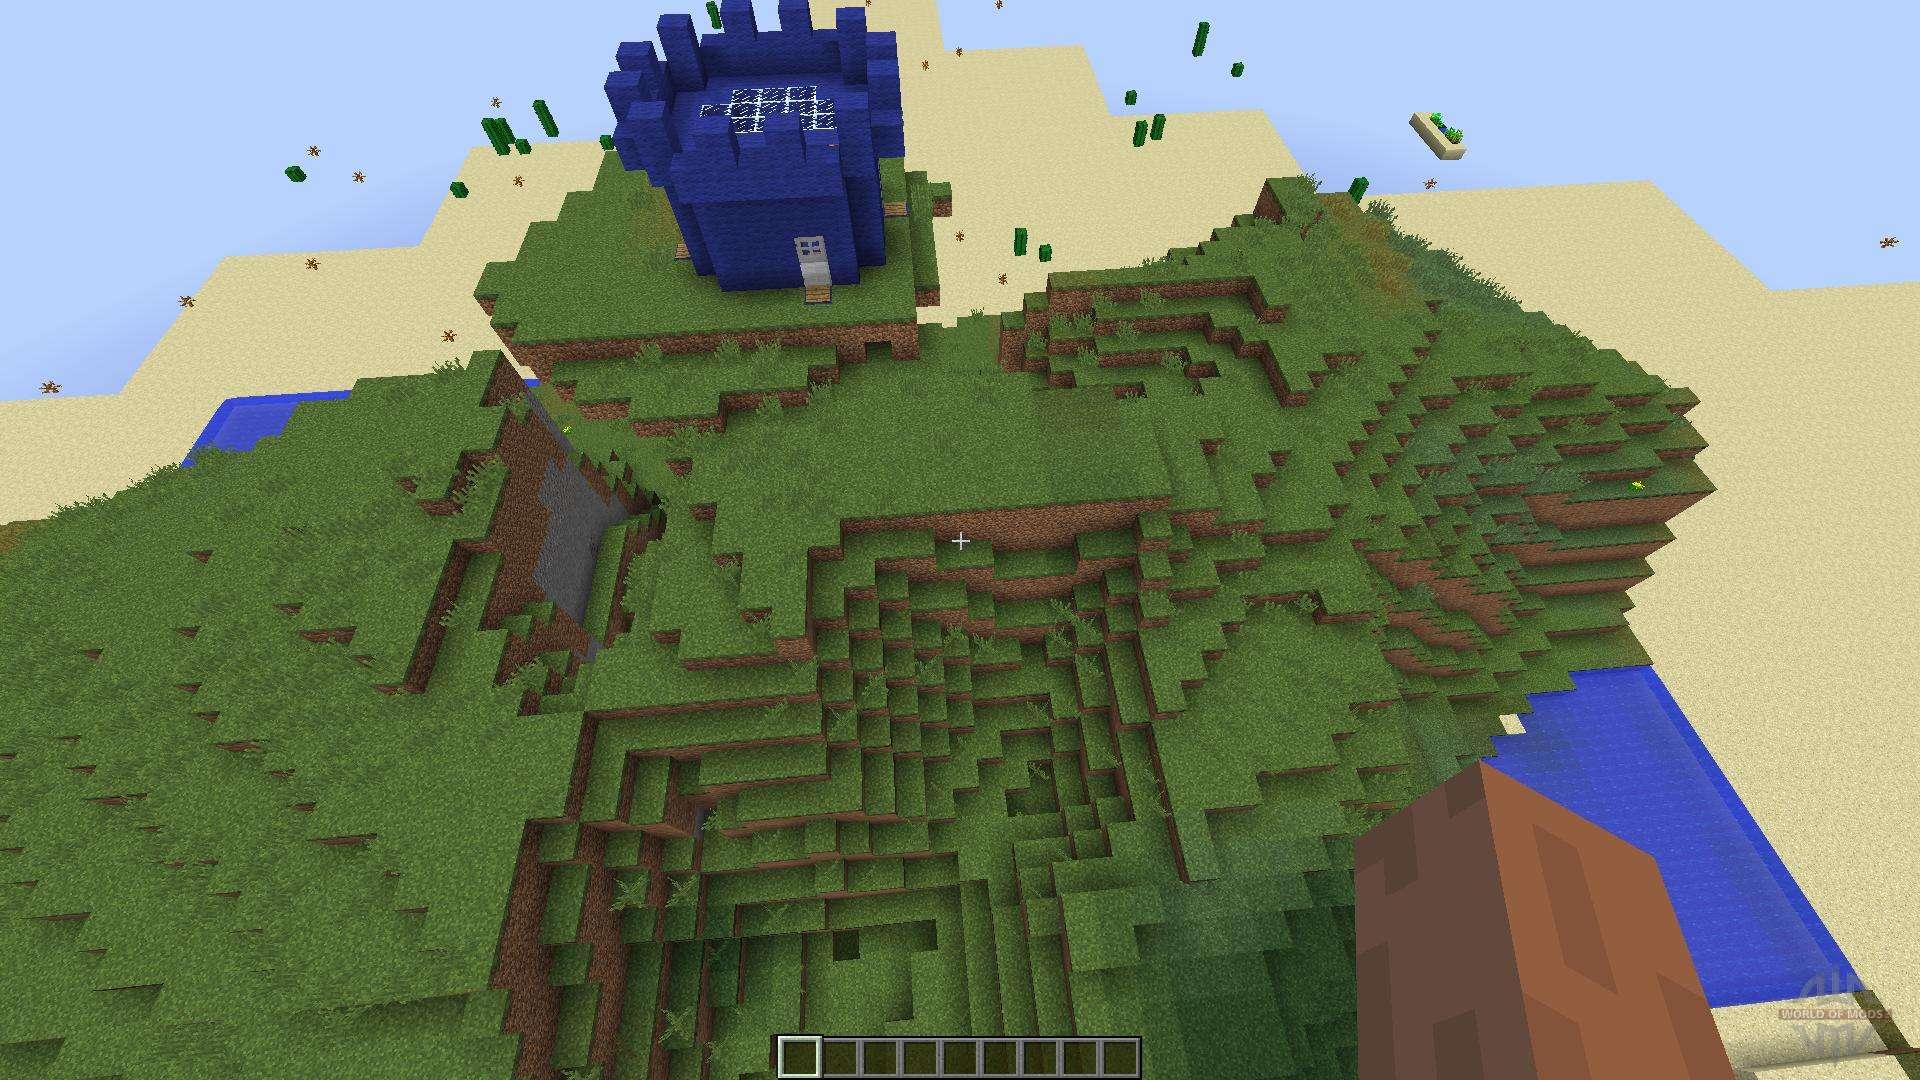 Скачать мод Paintball - пейнтбол для Minecraft 1.8.2/1.8.3 ...